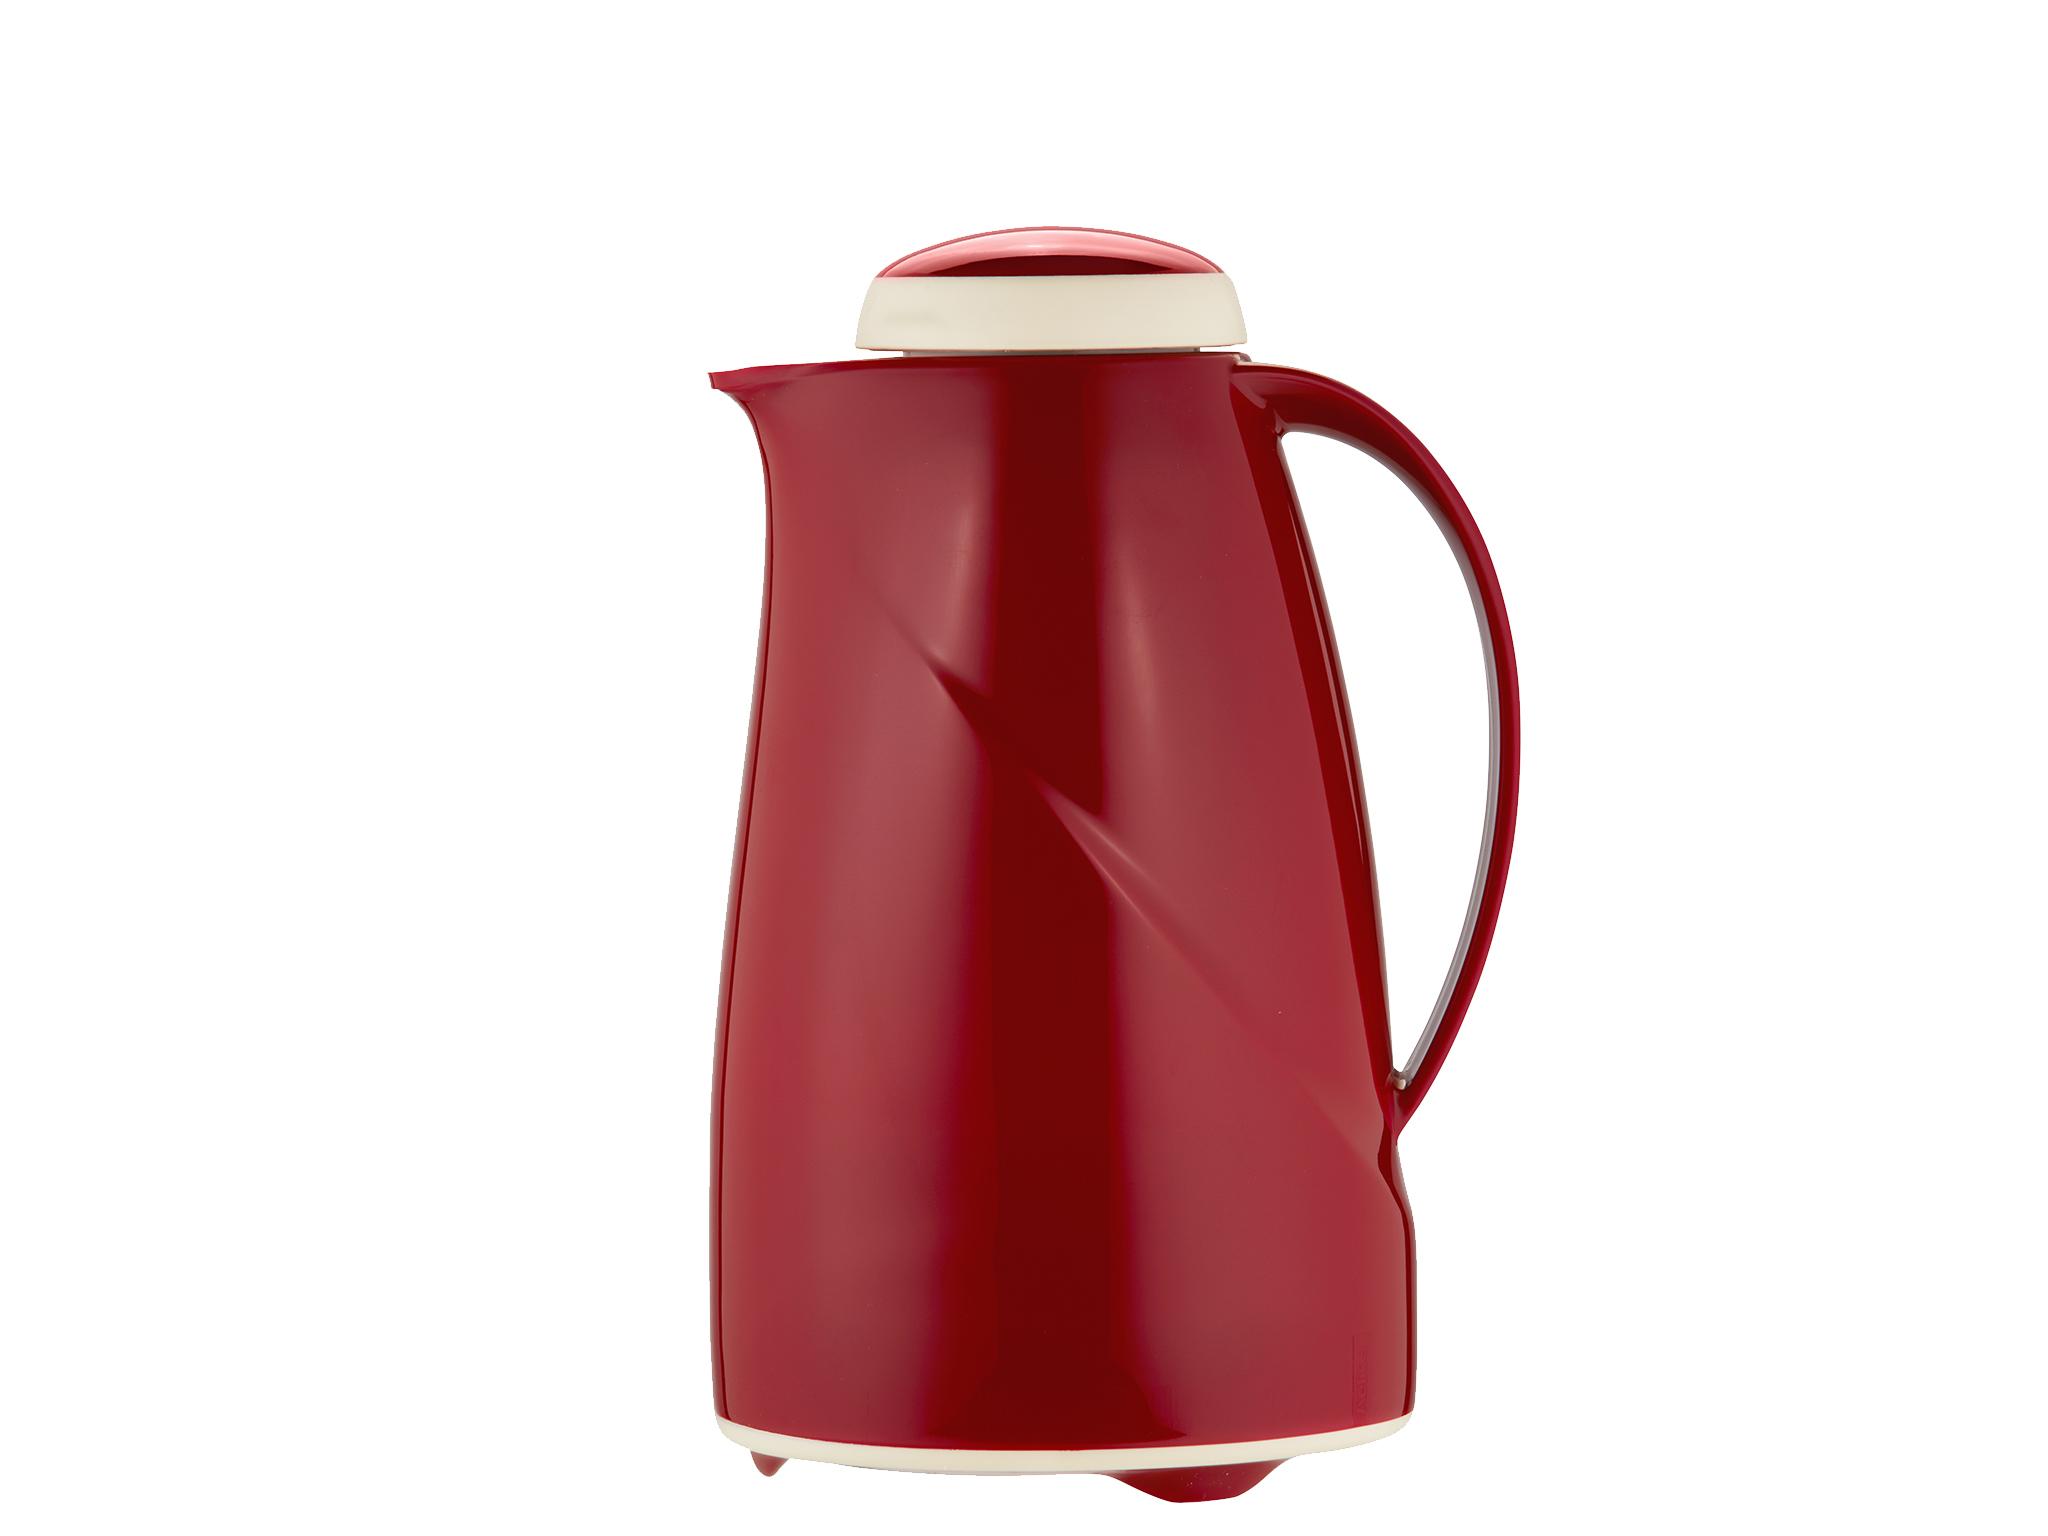 2945-046 - Vacuum carafe red 1.5 L WAVE MAXI - Helios